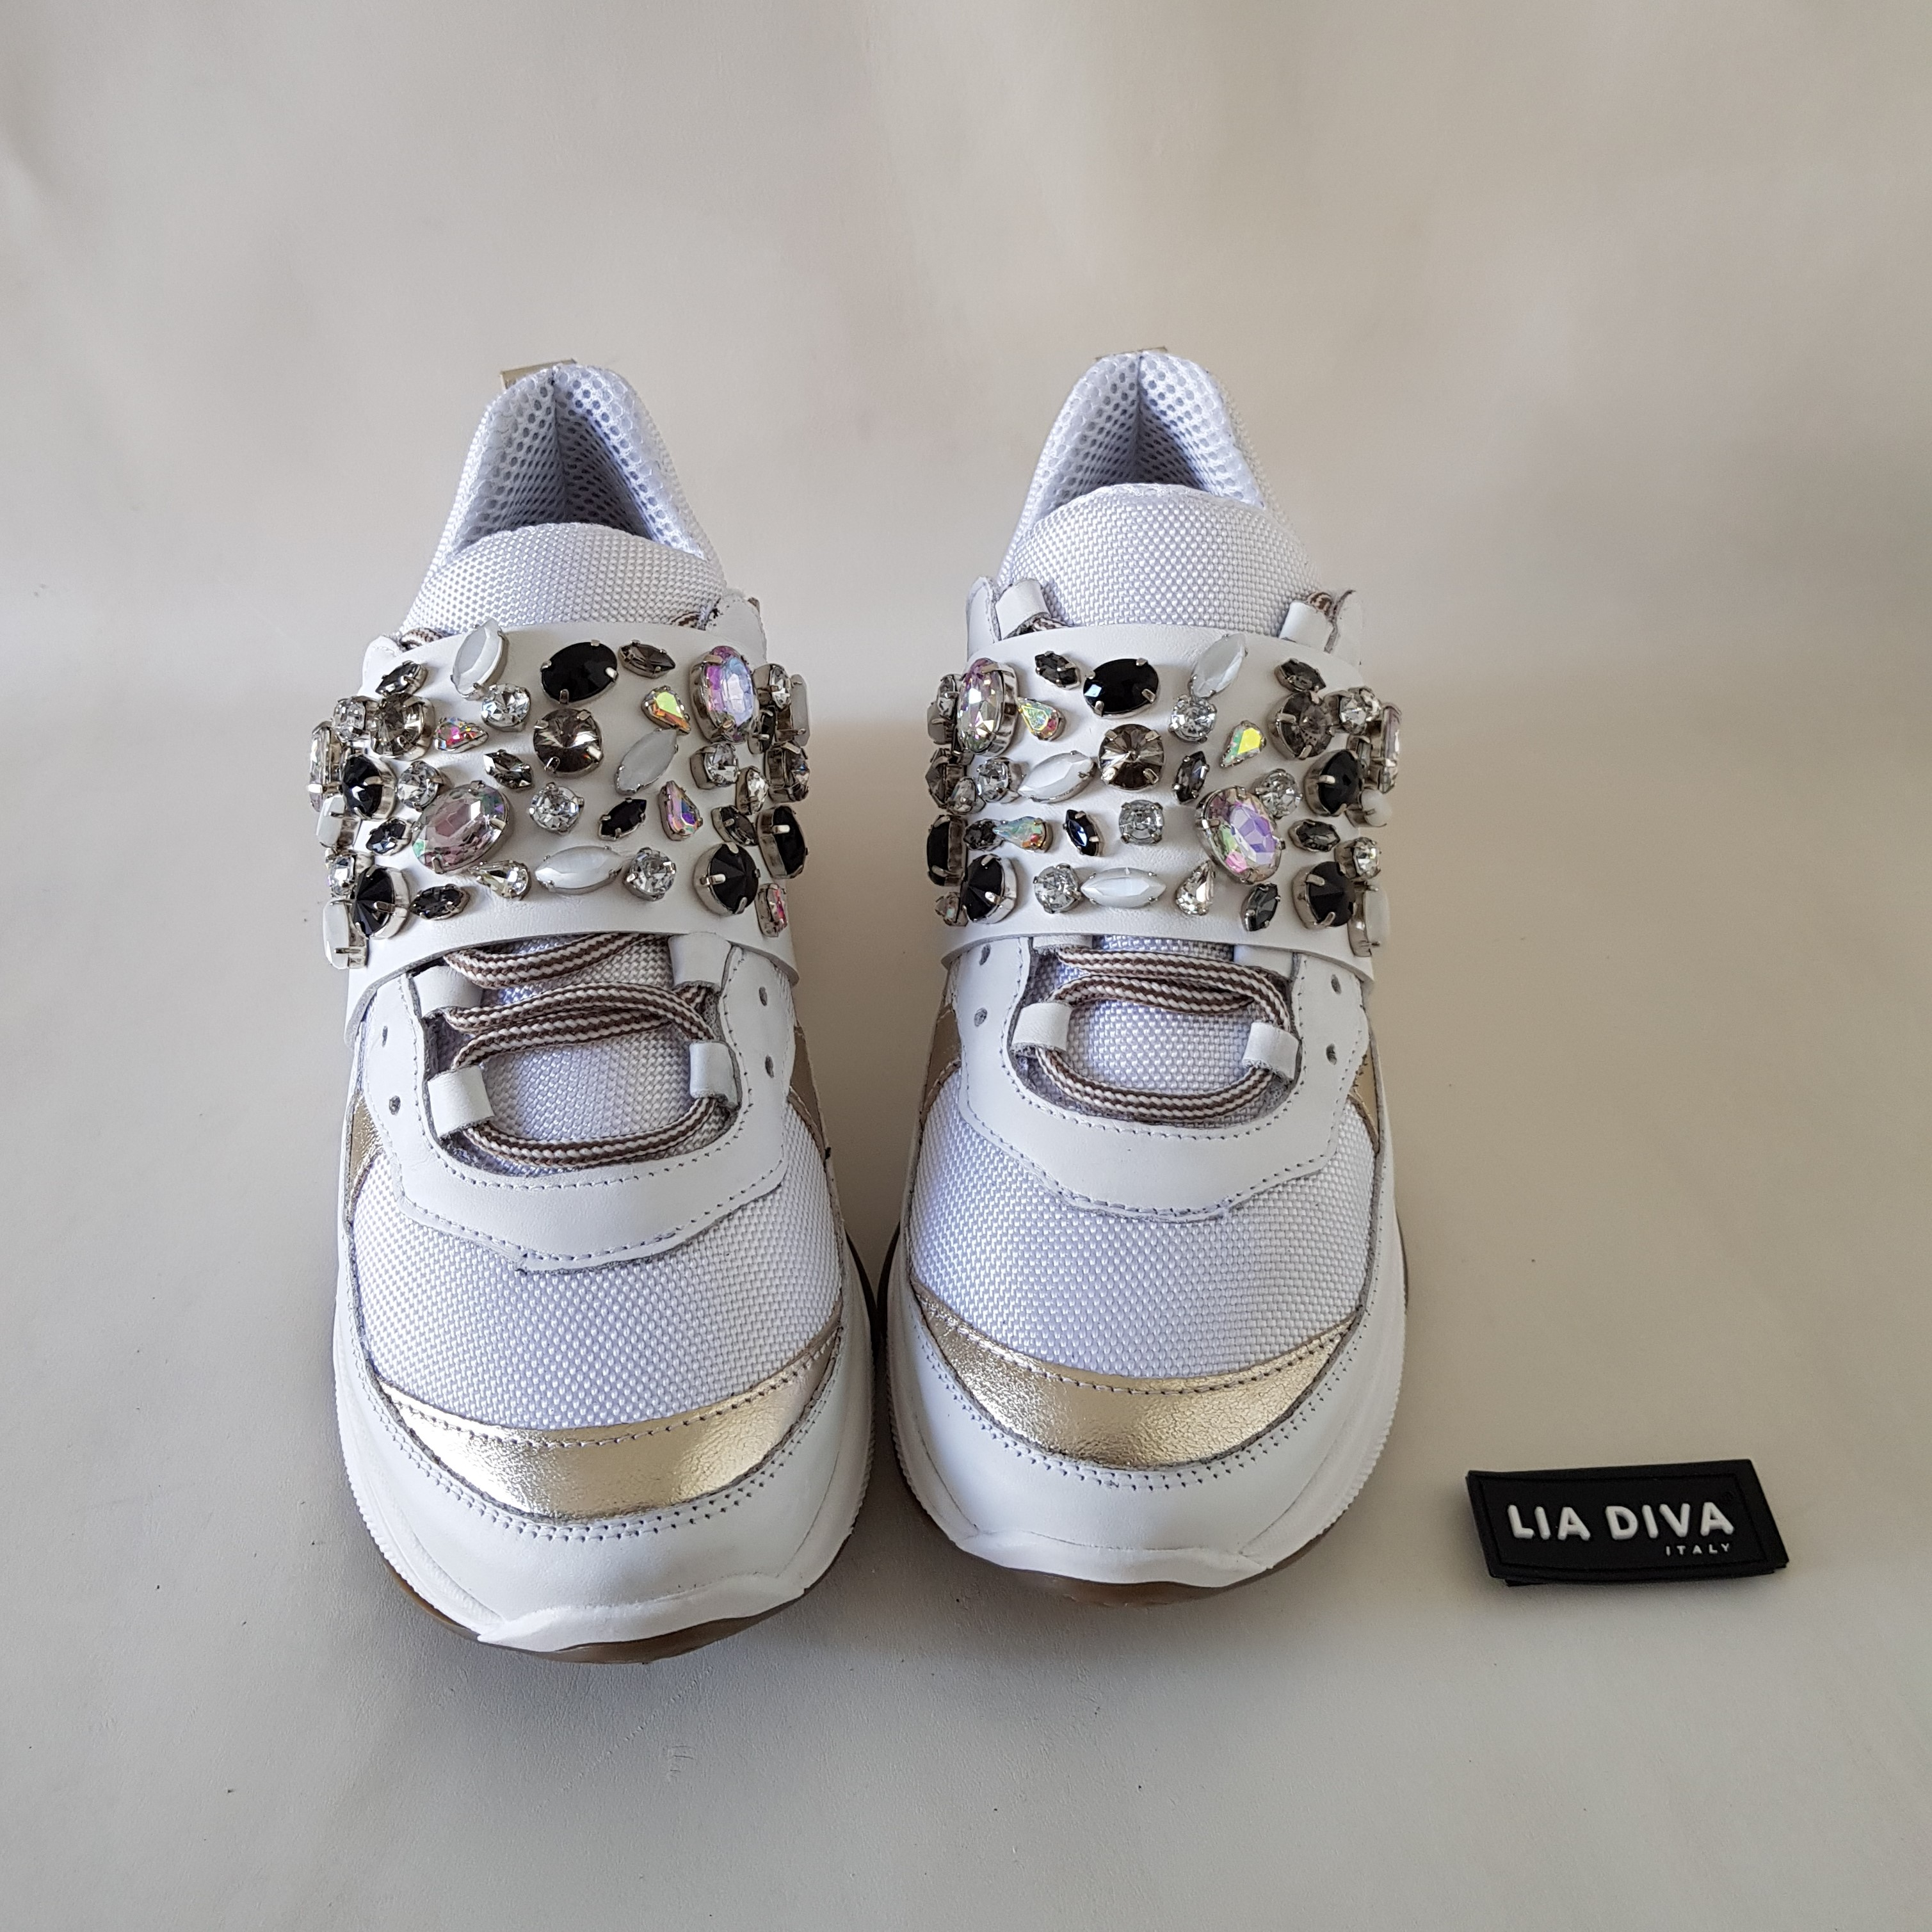 Sneakers pelle bianco e oro strass kent4 - Lia diva scarpe ...